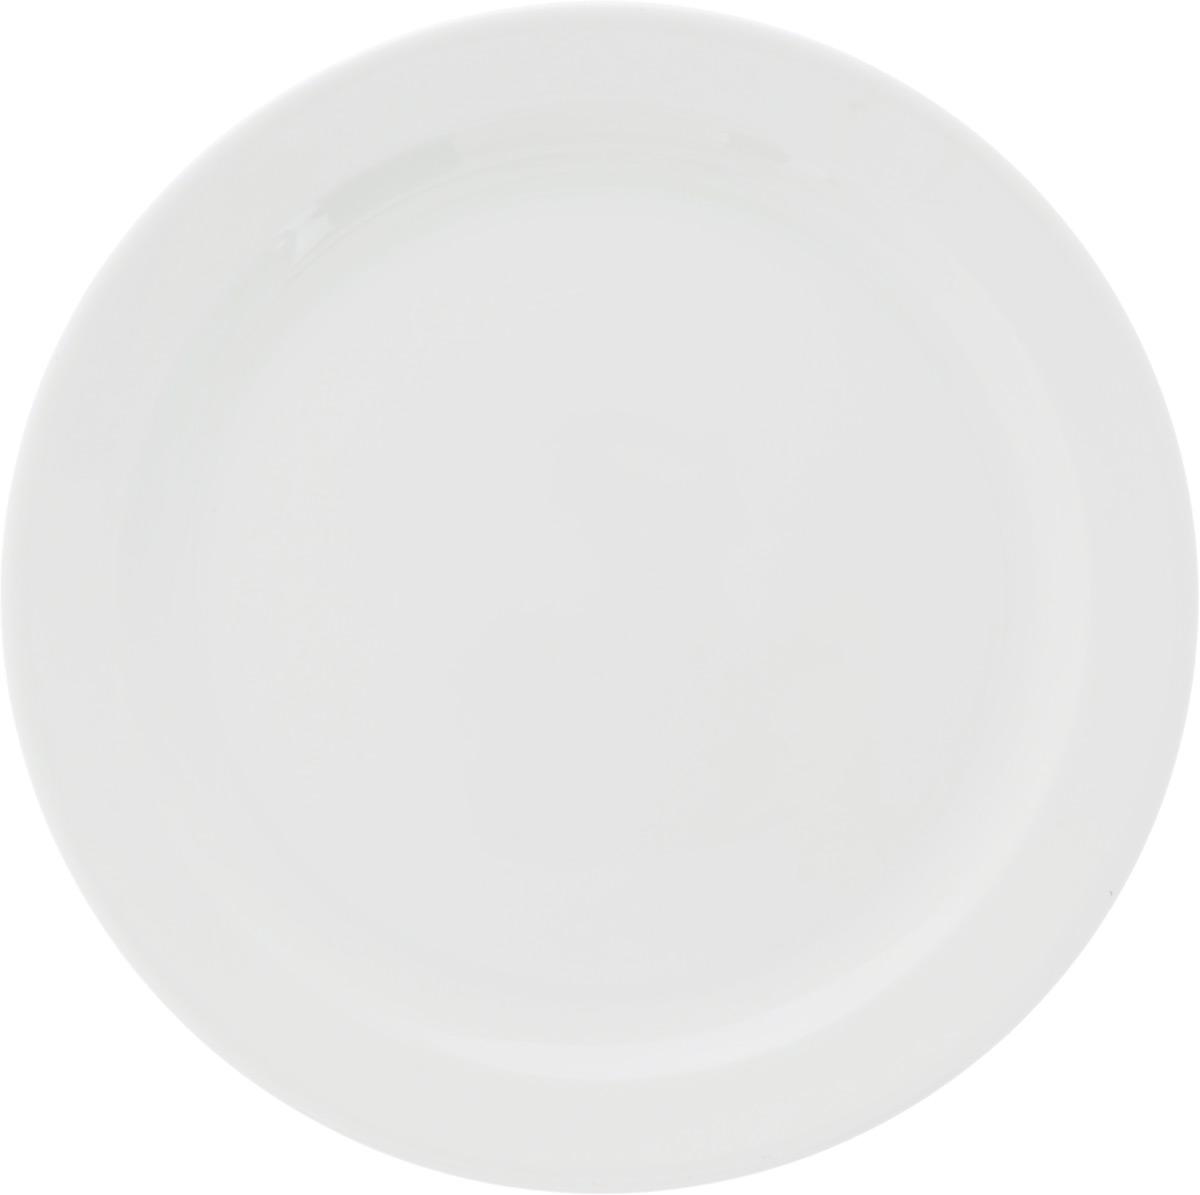 Тарелка мелкая Ariane Прайм, диаметр 24 смAPRARN17024Мелкая тарелка Ariane Прайм, изготовленная из высококачественного фарфора, имеет изысканный внешний вид. Такая тарелка прекрасно подходит как для торжественных случаев, так и для повседневного использования. Идеальна для подачи десертов, пирожных, тортов и многого другого. Она прекрасно оформит стол и станет отличным дополнением к вашей коллекции кухонной посуды.Можно использовать в посудомоечной машине и СВЧ.Диаметр тарелки: 24 см.Высота тарелки: 2 см.